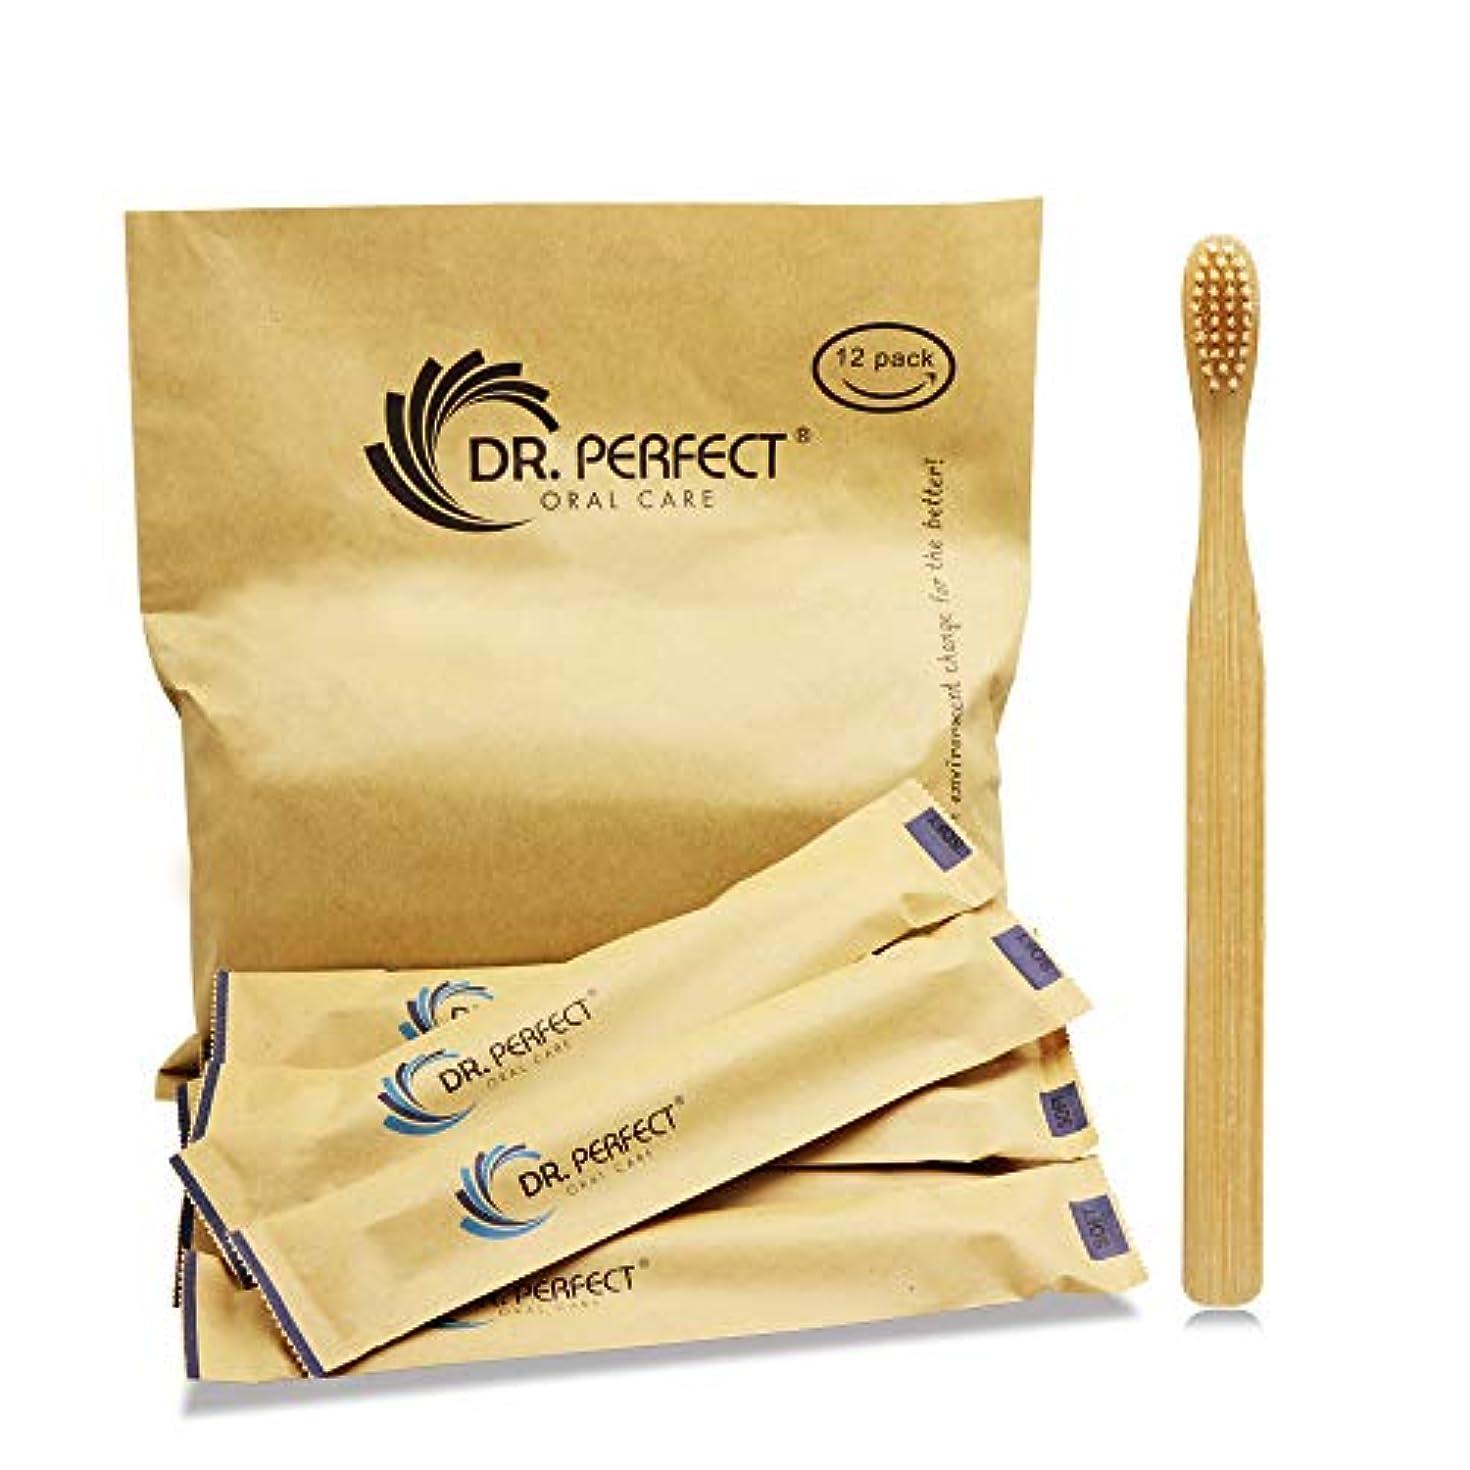 デュアル神経衰弱打倒DR.PERFECT 竹歯ブラシ柔らかい天然剛毛 竹